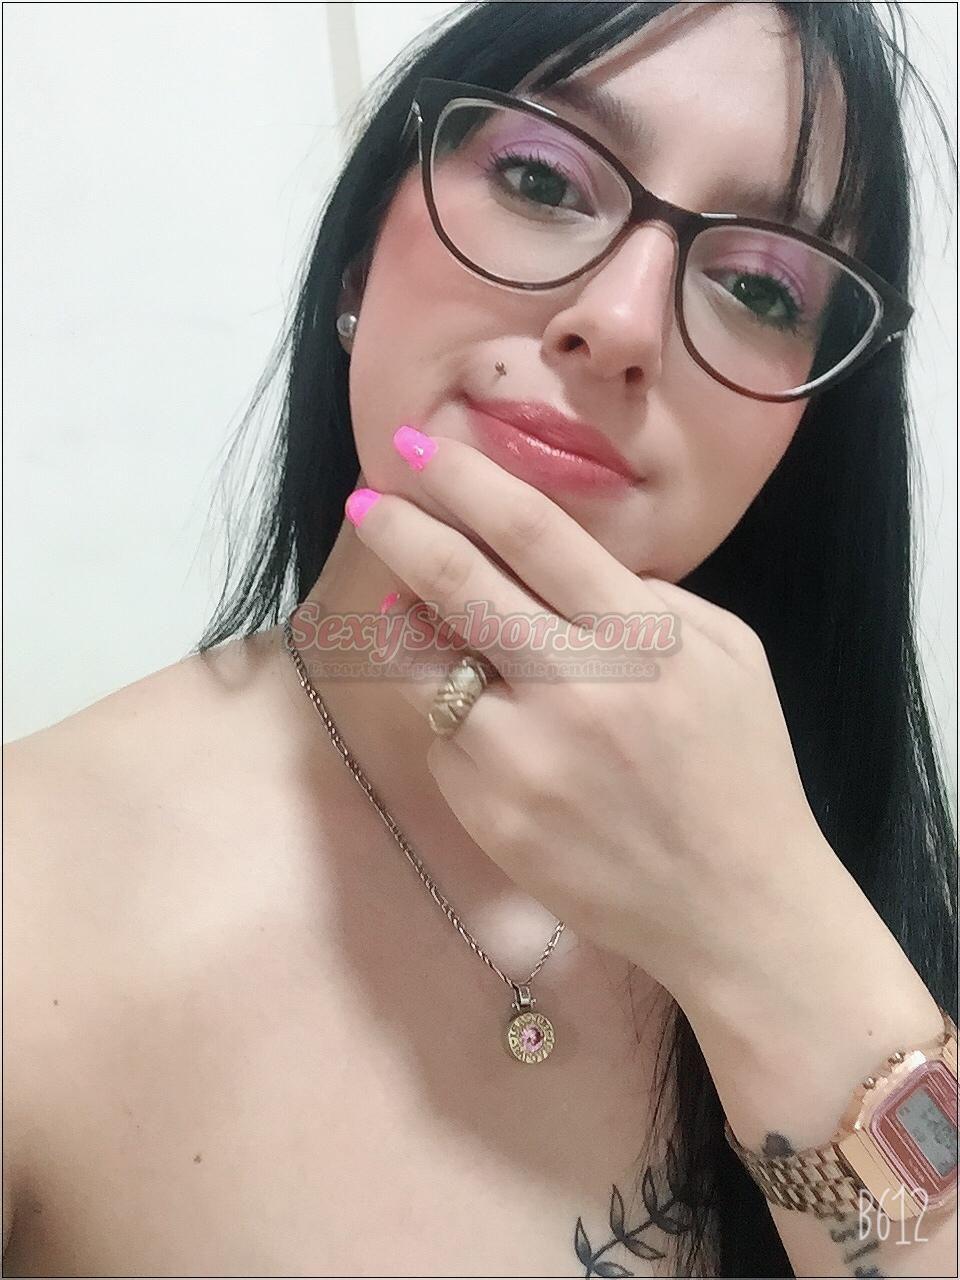 Dafne 15-3849-9063